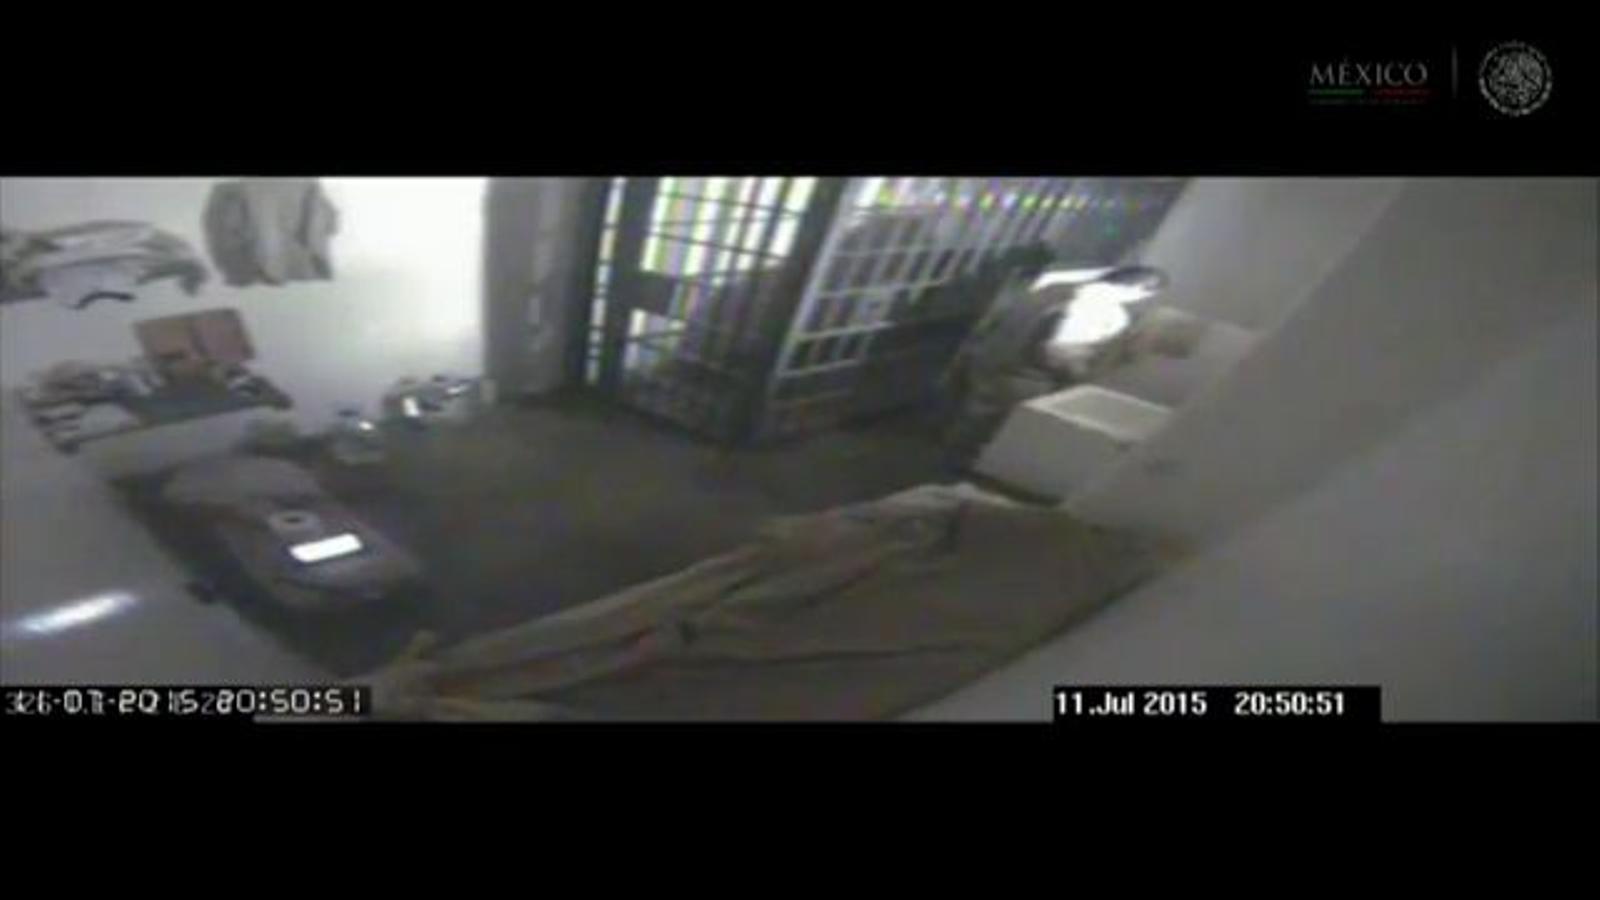 Un vídeo mostra els minuts previs a la fuga d'El Chapo i el túnel per on es va escapar de la presó